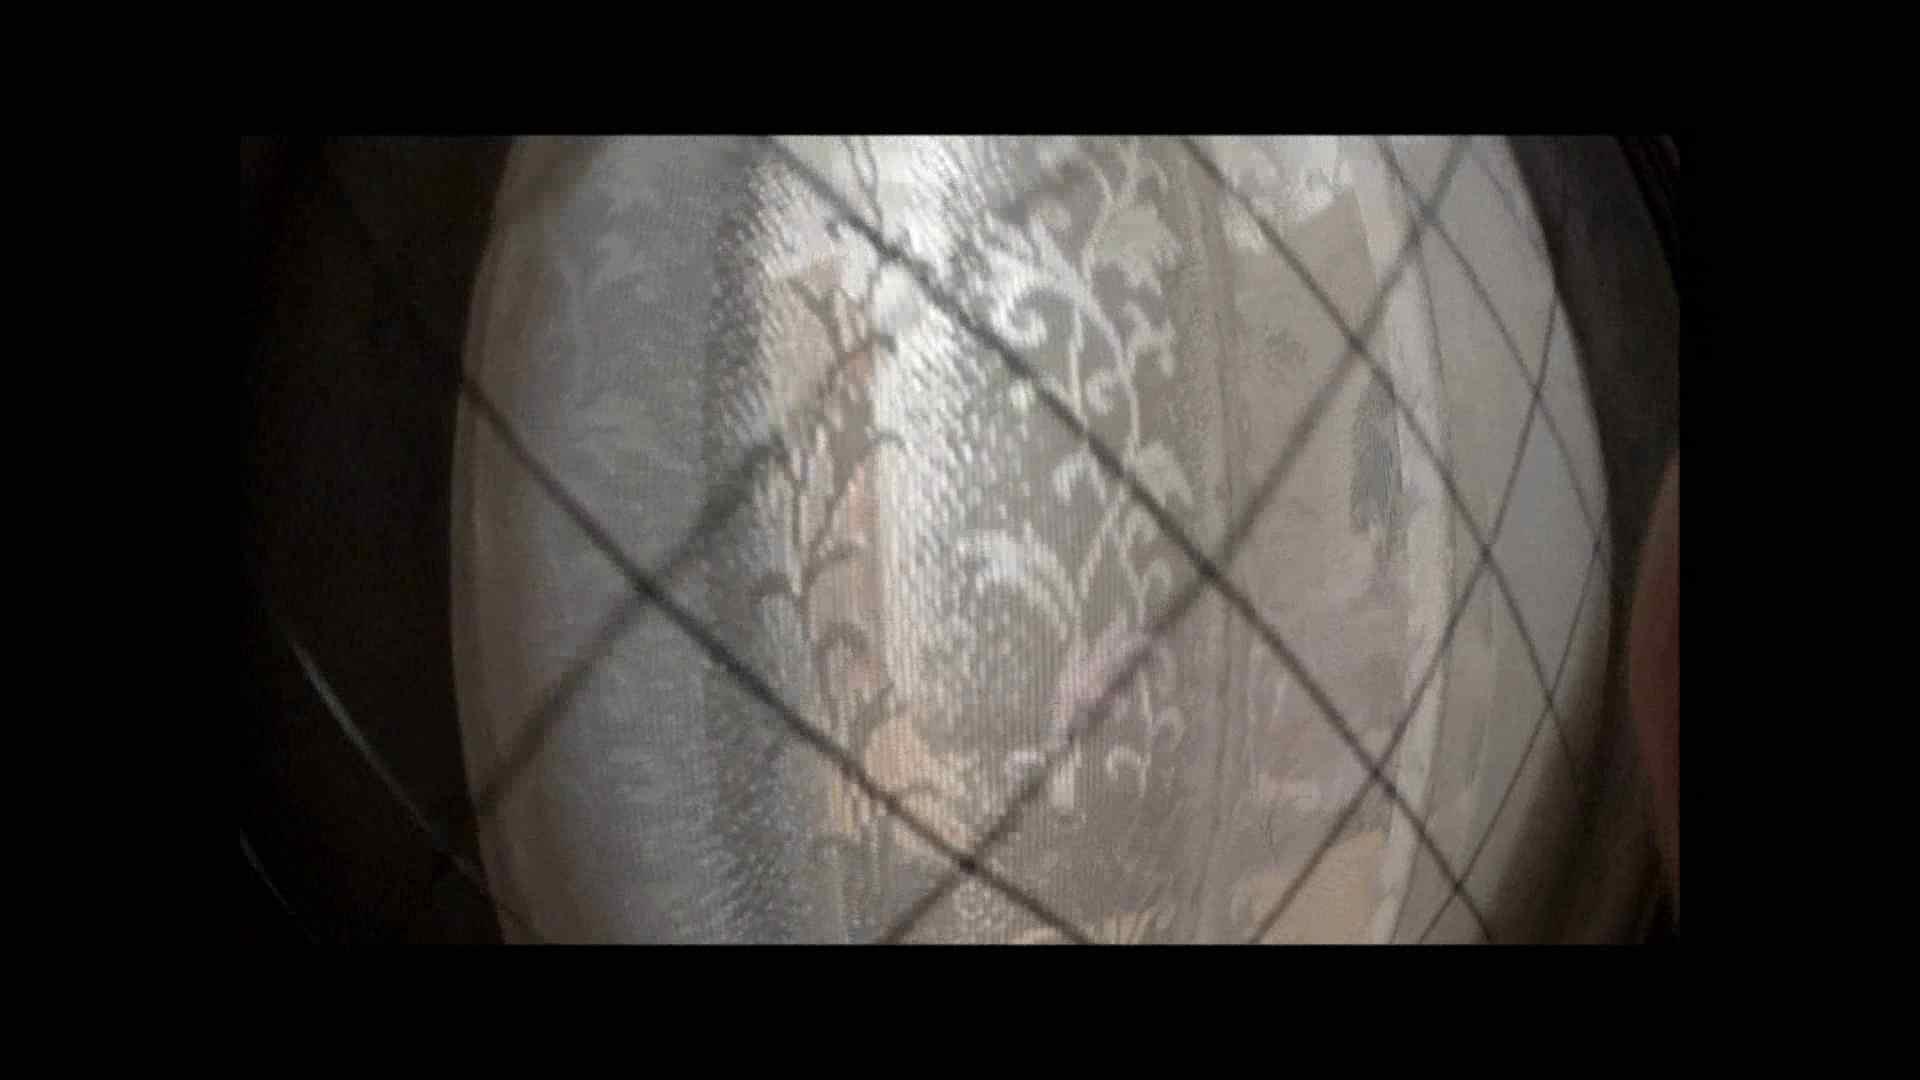 【04】別の日・・・魚眼レンズで広角に撮れました。 Hな熟女 えろ無修正画像 111pic 23